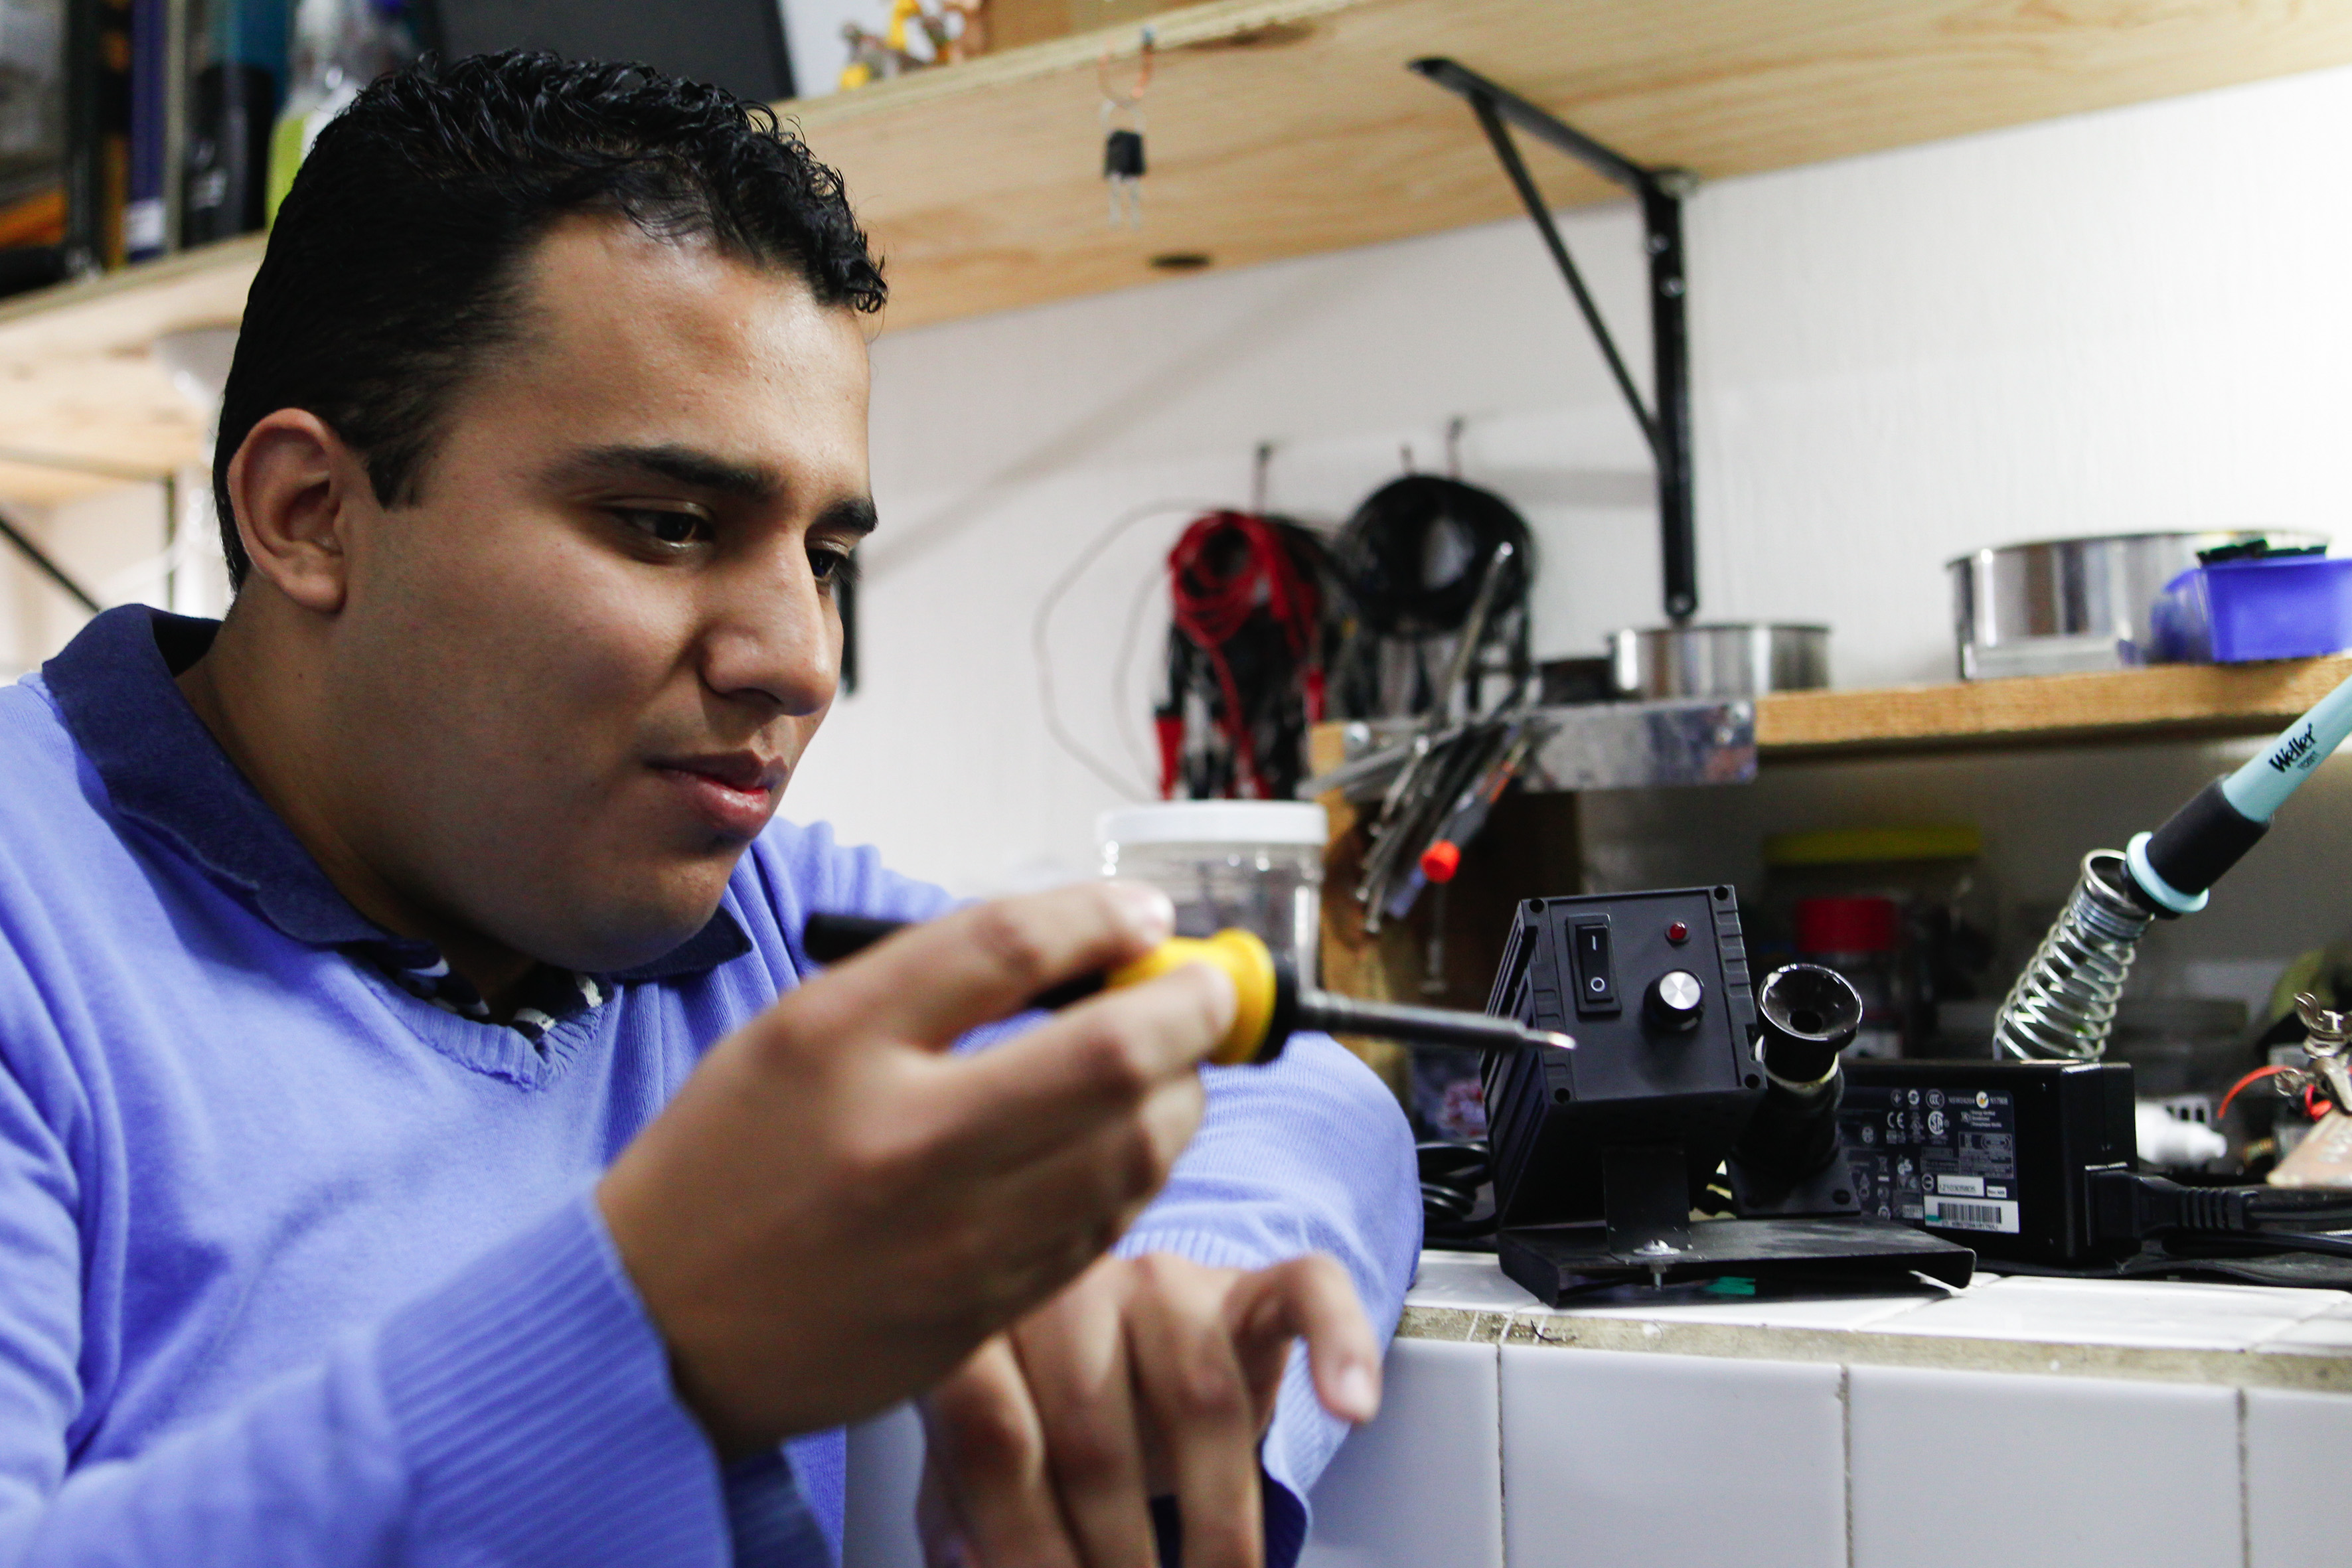 Maestro Ernesto Edgar Mazón Valadez, profesor del Laboratorio de Biofísica del CUCiénega y desarrollador del aparato, portando un cautín de inducción magnética autorregulable, alimentado por una fuente de radiofrecuencia de bajo voltaje.